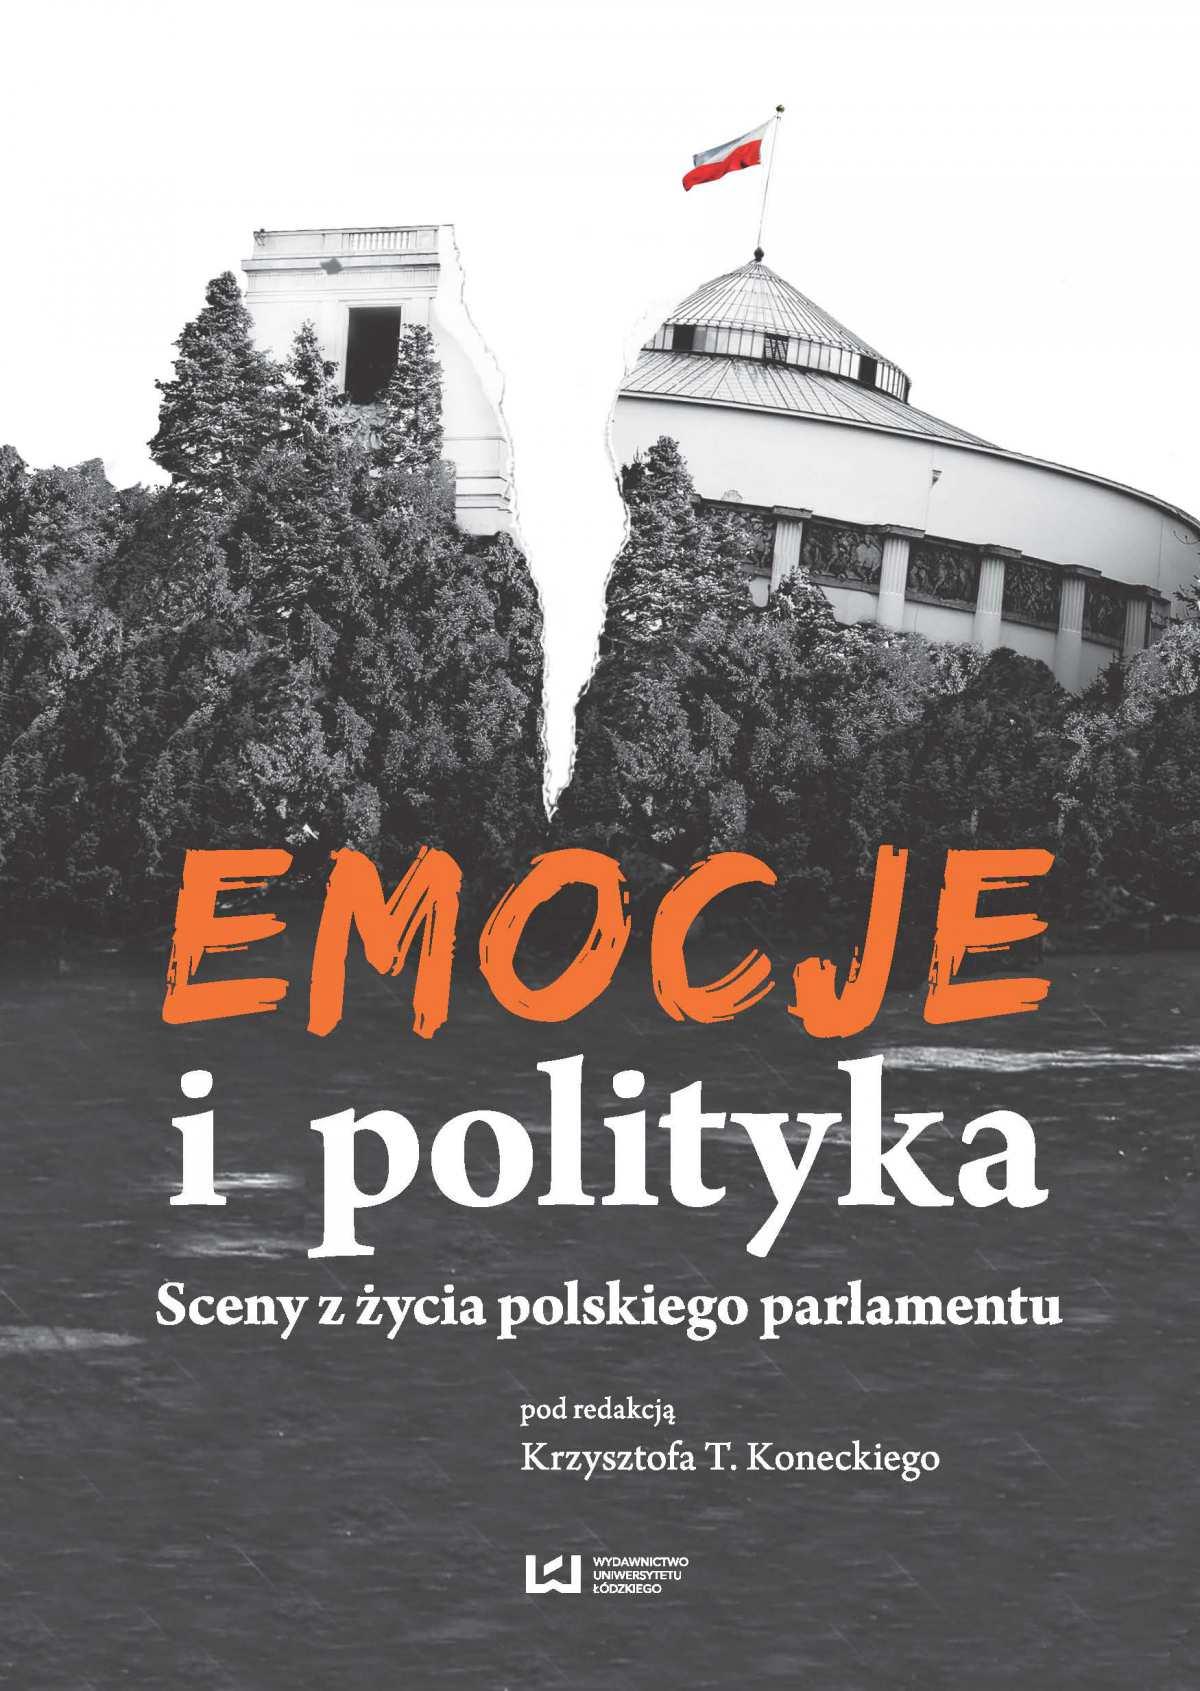 Emocje i polityka. Sceny z życia polskiego parlamentu - Ebook (Książka PDF) do pobrania w formacie PDF